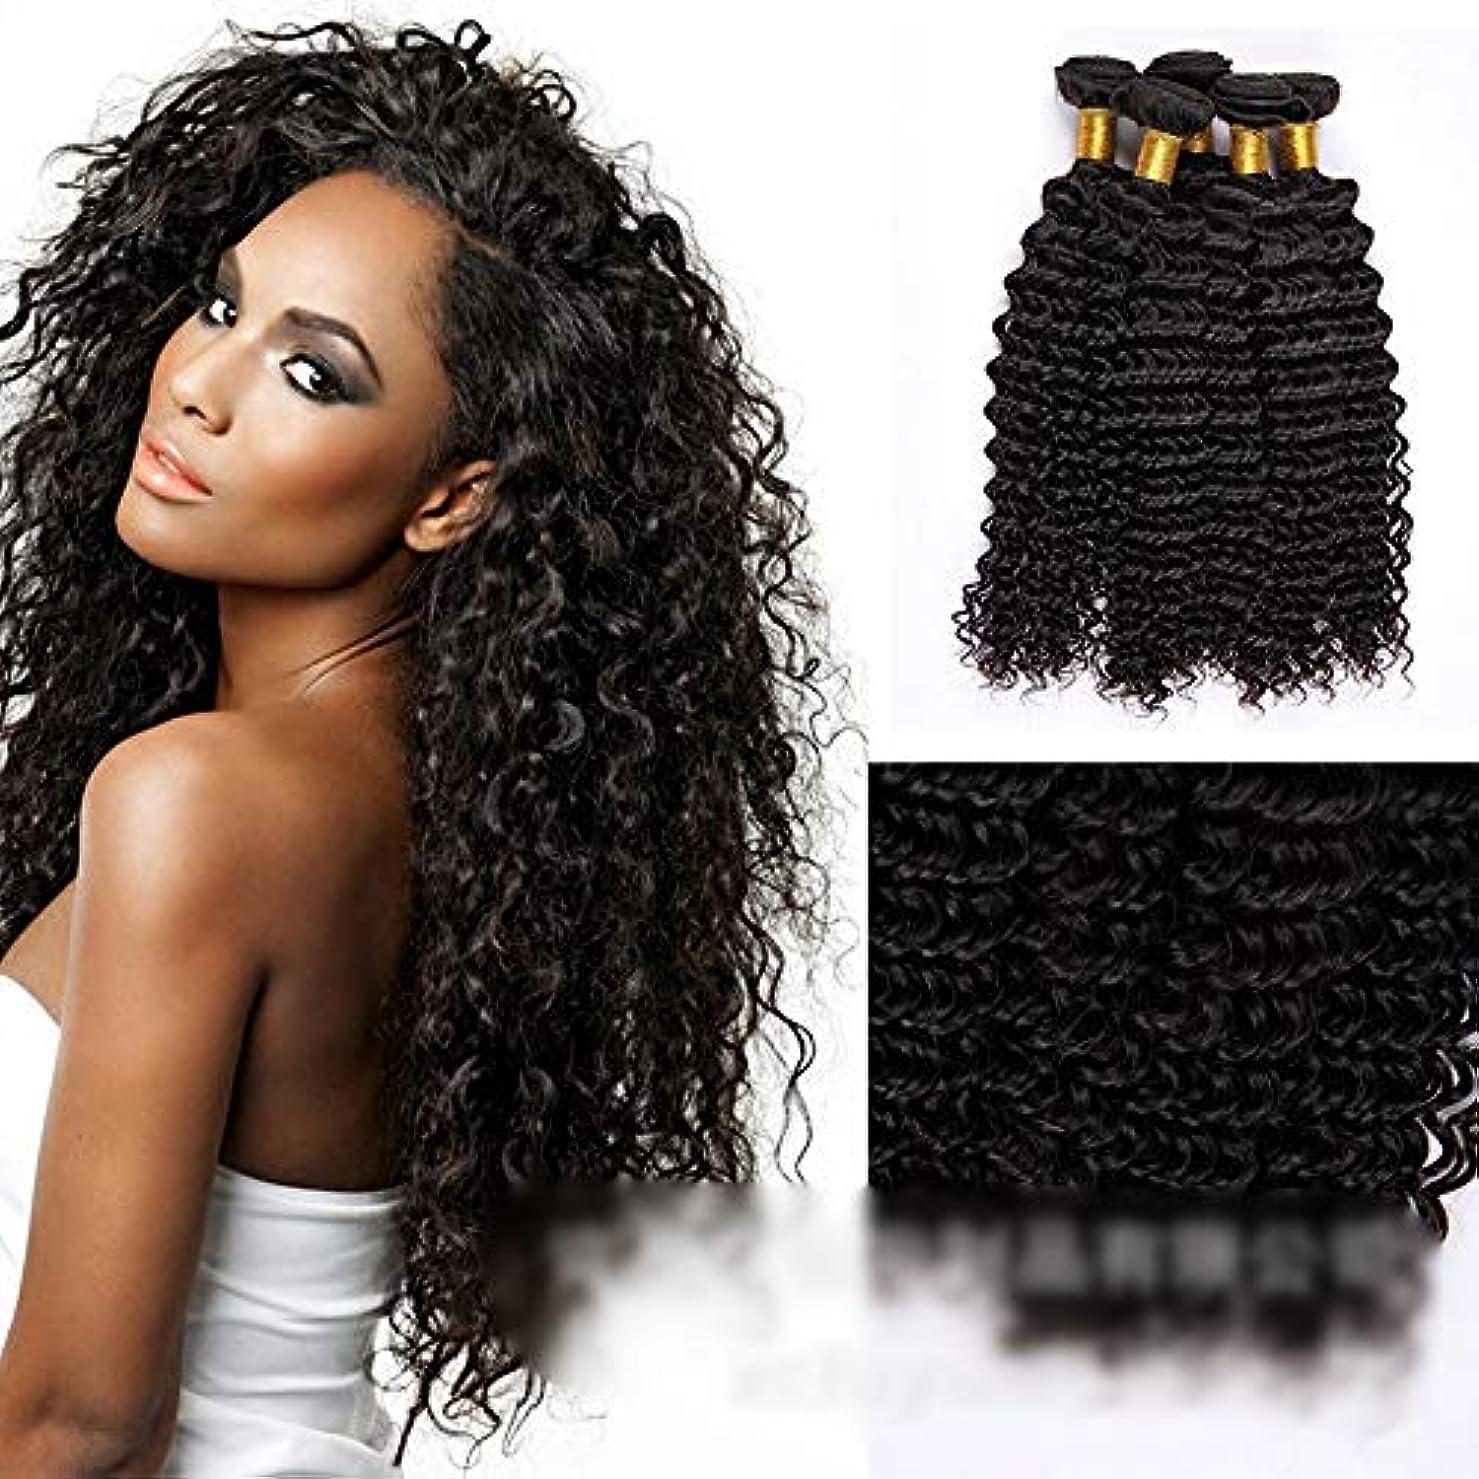 粘り強いヒロイン良さHOHYLLYA ブラジルの深い巻き毛の束100%未処理の人間の髪の毛の織り方自然な黒色の髪の拡張子(1バンドル、10